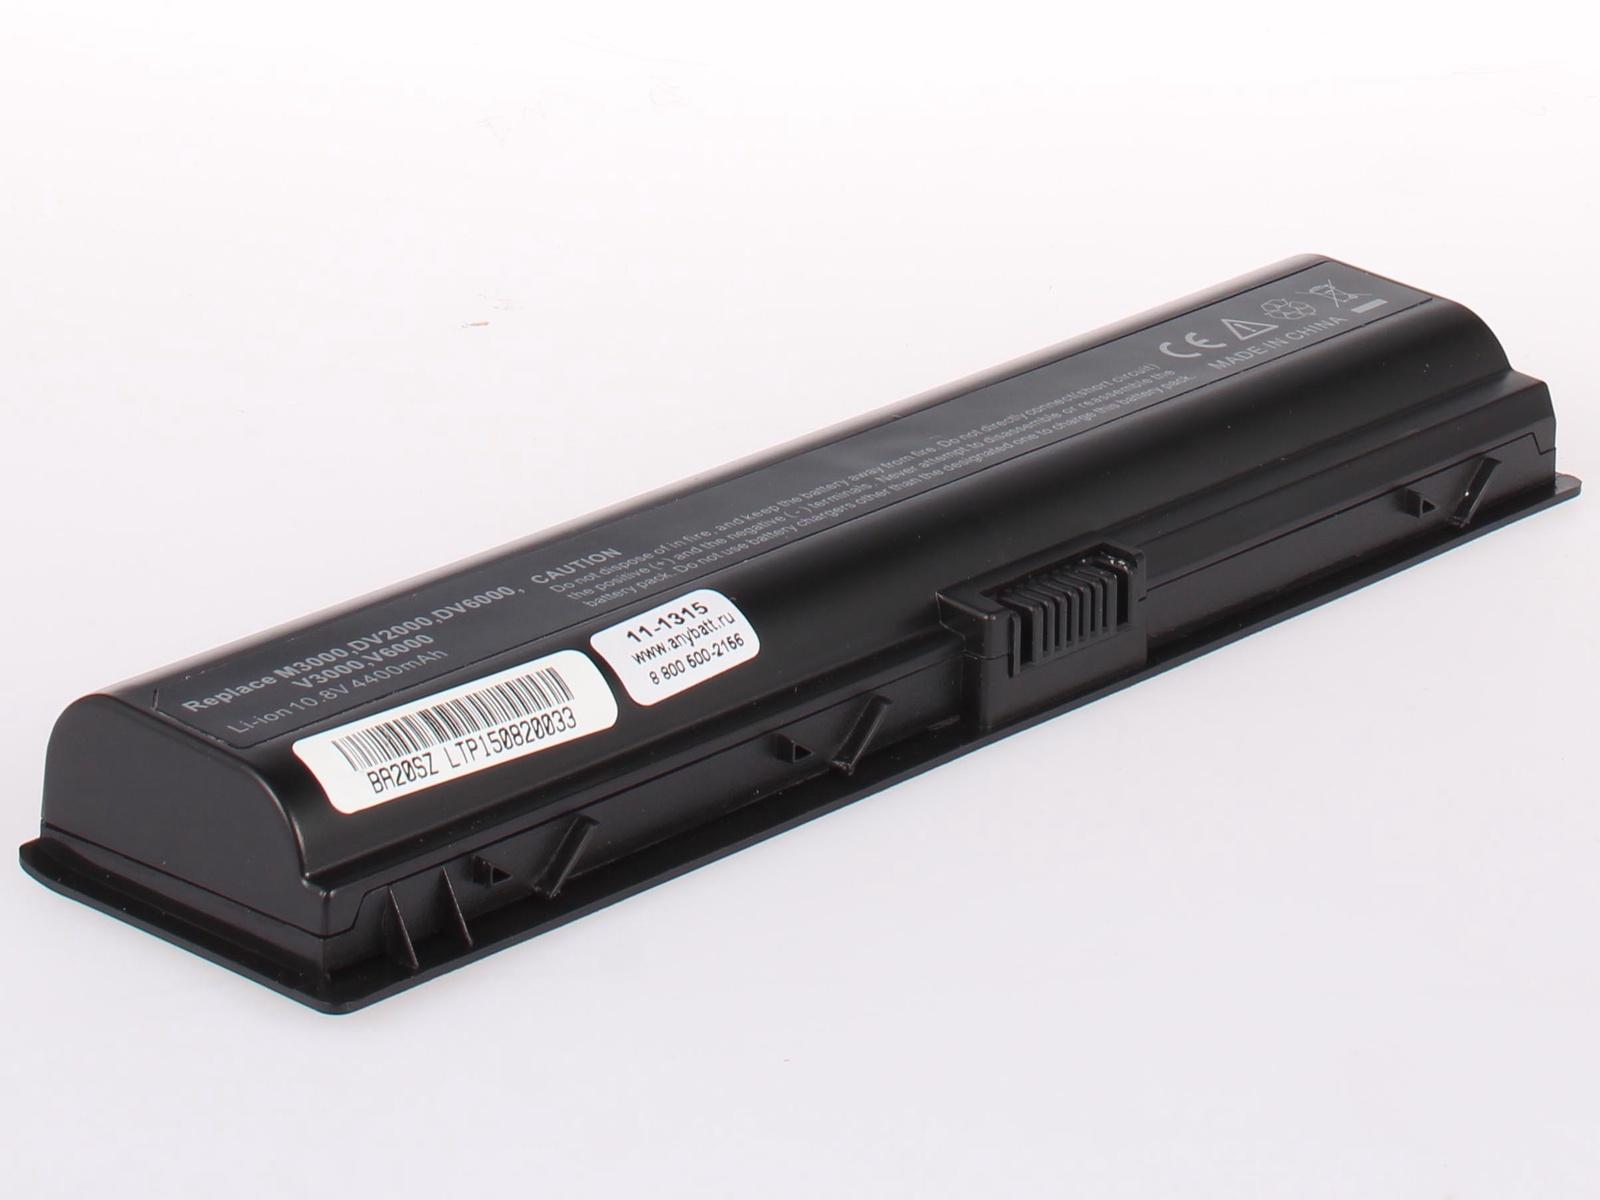 Аккумулятор для ноутбука AnyBatt для HP-Compaq Pavilion dv6825er, Pavilion dv2810er, Pavilion dv6102EA, Pavilion dv6899er, Pavilion dv6945er, Pavilion dv2530er, Pavilion dv2840er, Pavilion dv6127EA, Pavilion dv6510er hp pavilion 550 221ur t1g75ea